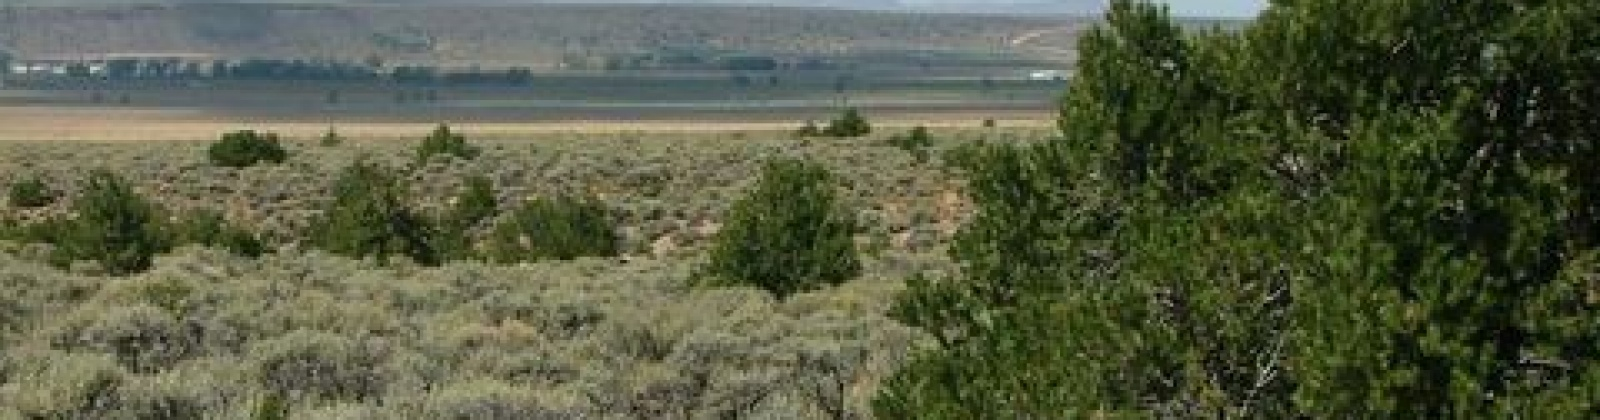 Blanca, Colorado 81123, ,Land,Sold,1031